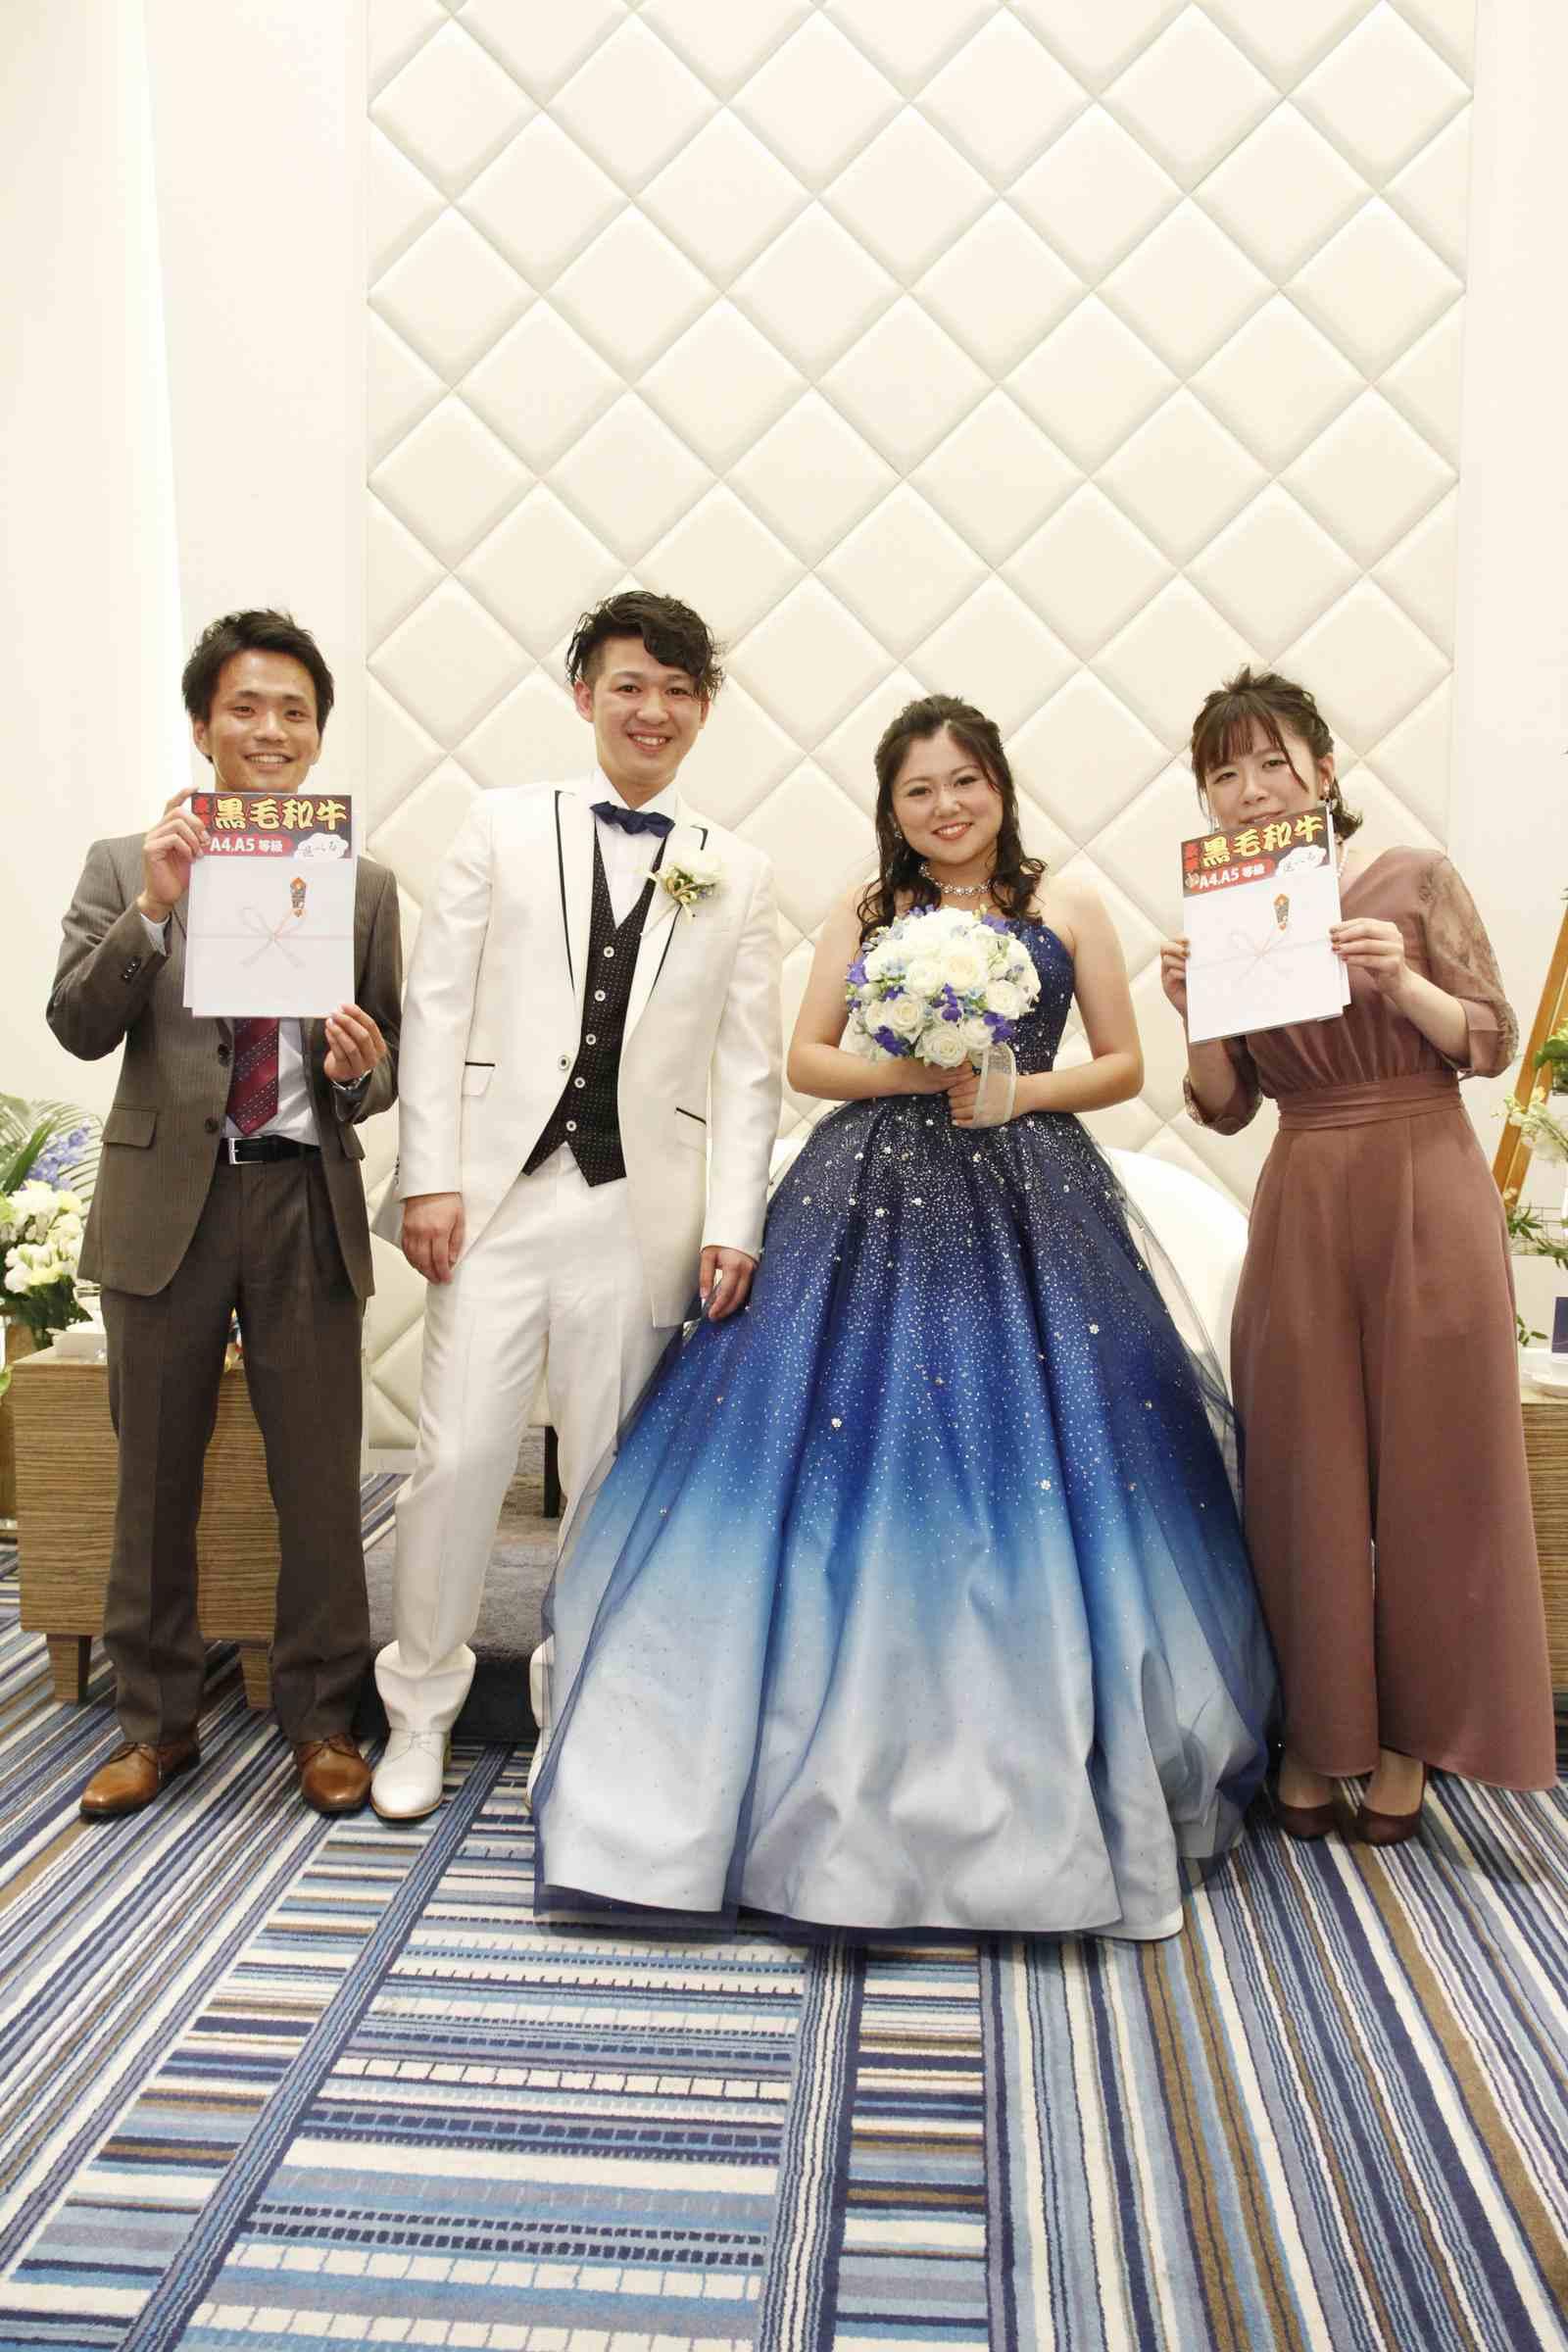 香川県高松市の結婚式場シェルエメール&アイスタイル ドレス当てクイズ